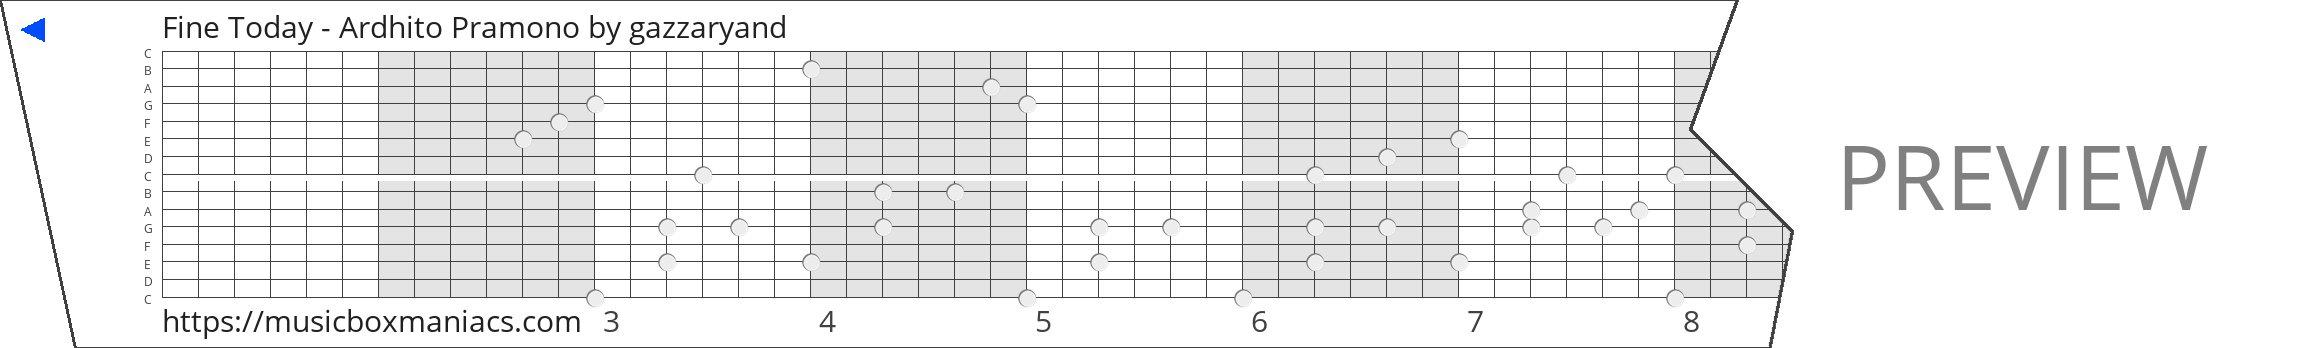 Fine Today - Ardhito Pramono 15 note music box paper strip